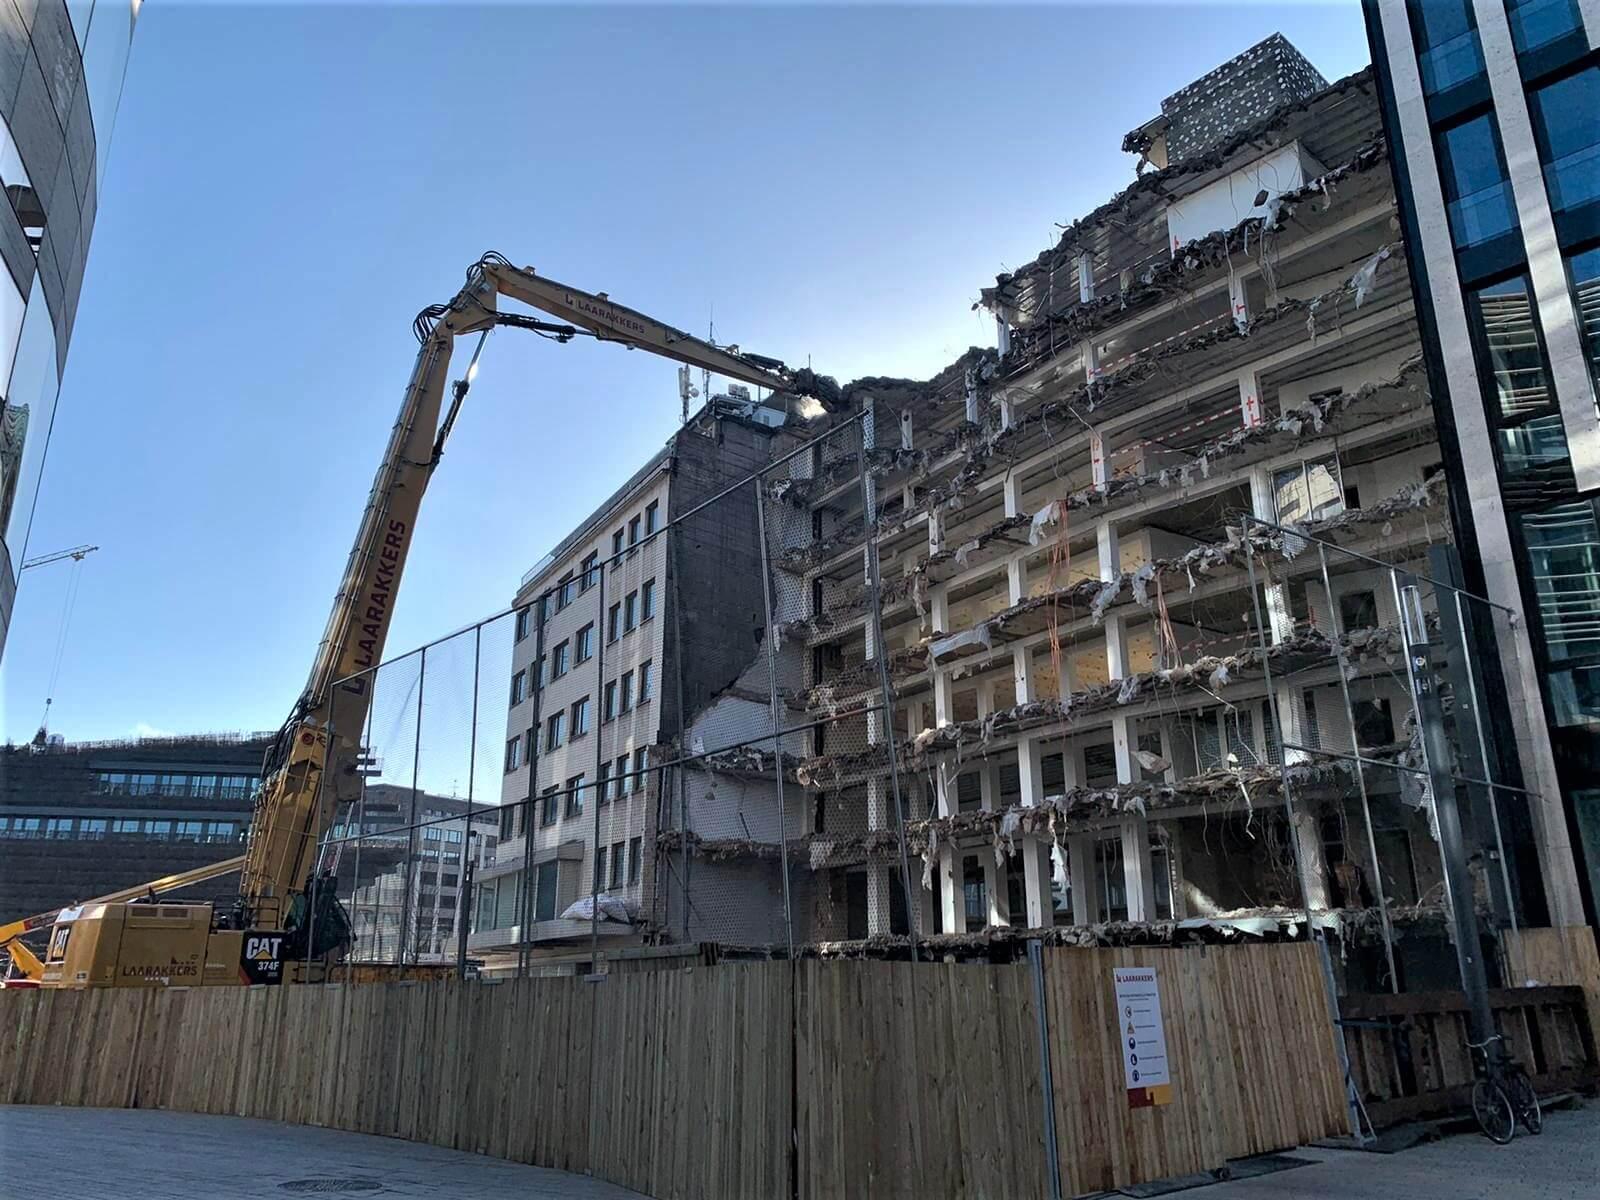 Sloop, asbestverwijdering en grondwerk - Schreibenwarengeschäft Hennig - Laarakkers (4)